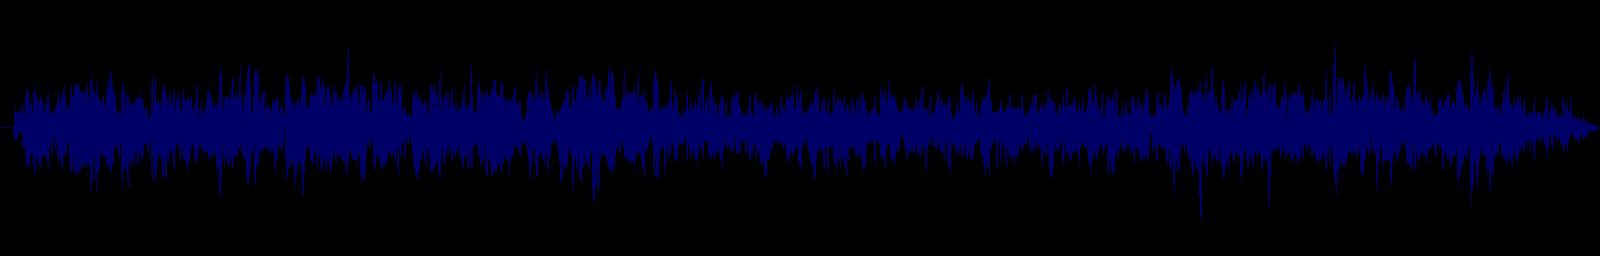 waveform of track #148266